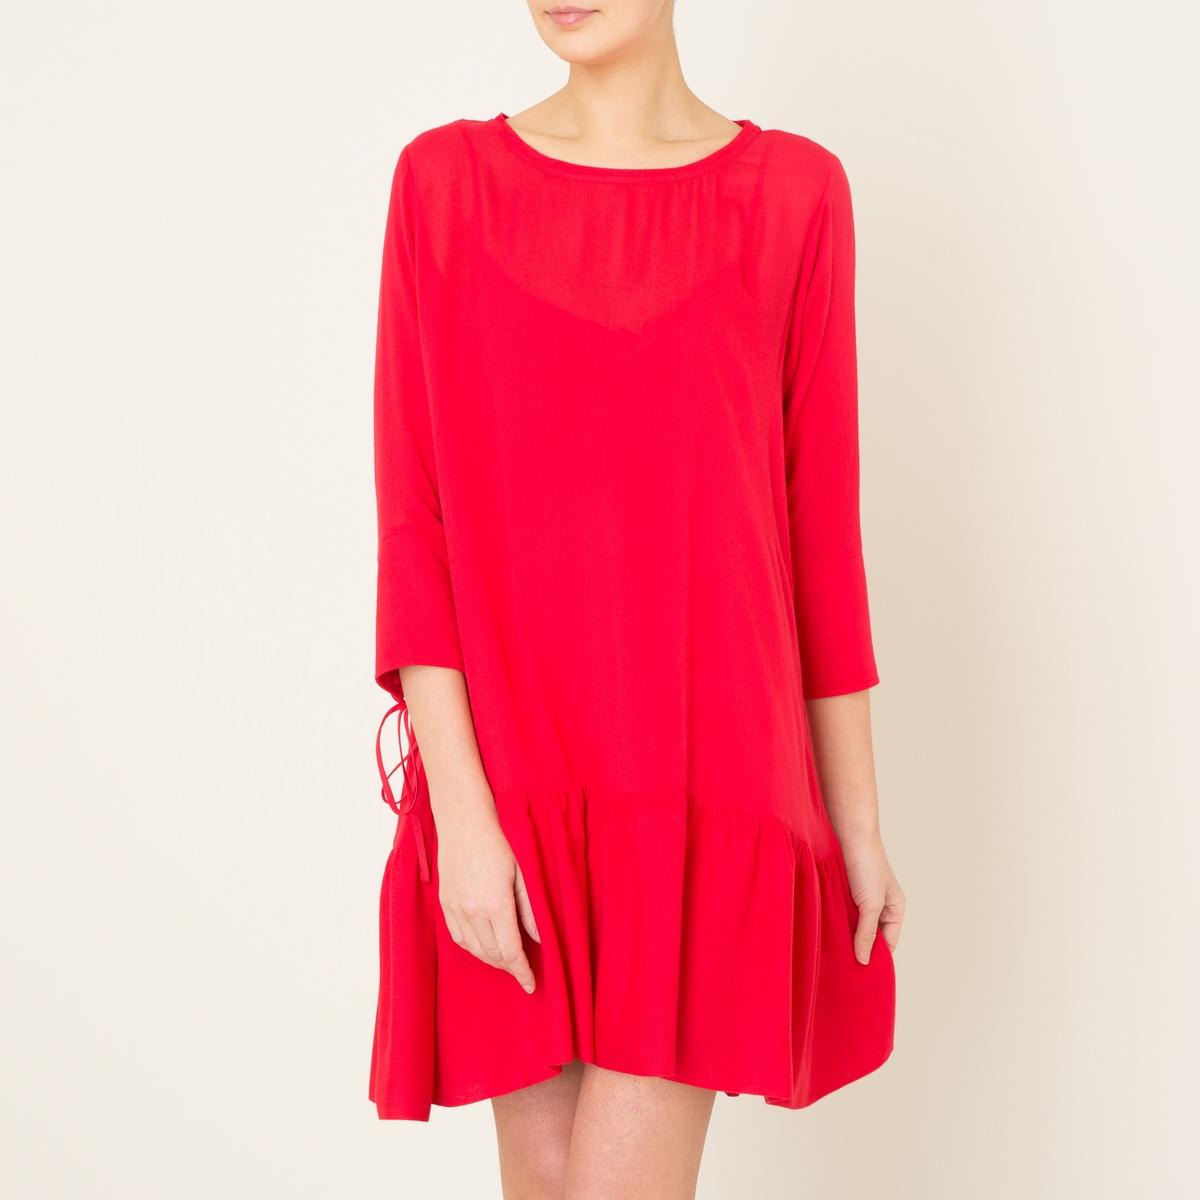 Платье широкого покрояСостав и описание   Материал : 100% вискоза   Подкладка : 100% вискоза   Марка : THE KOOPLES<br><br>Цвет: красный